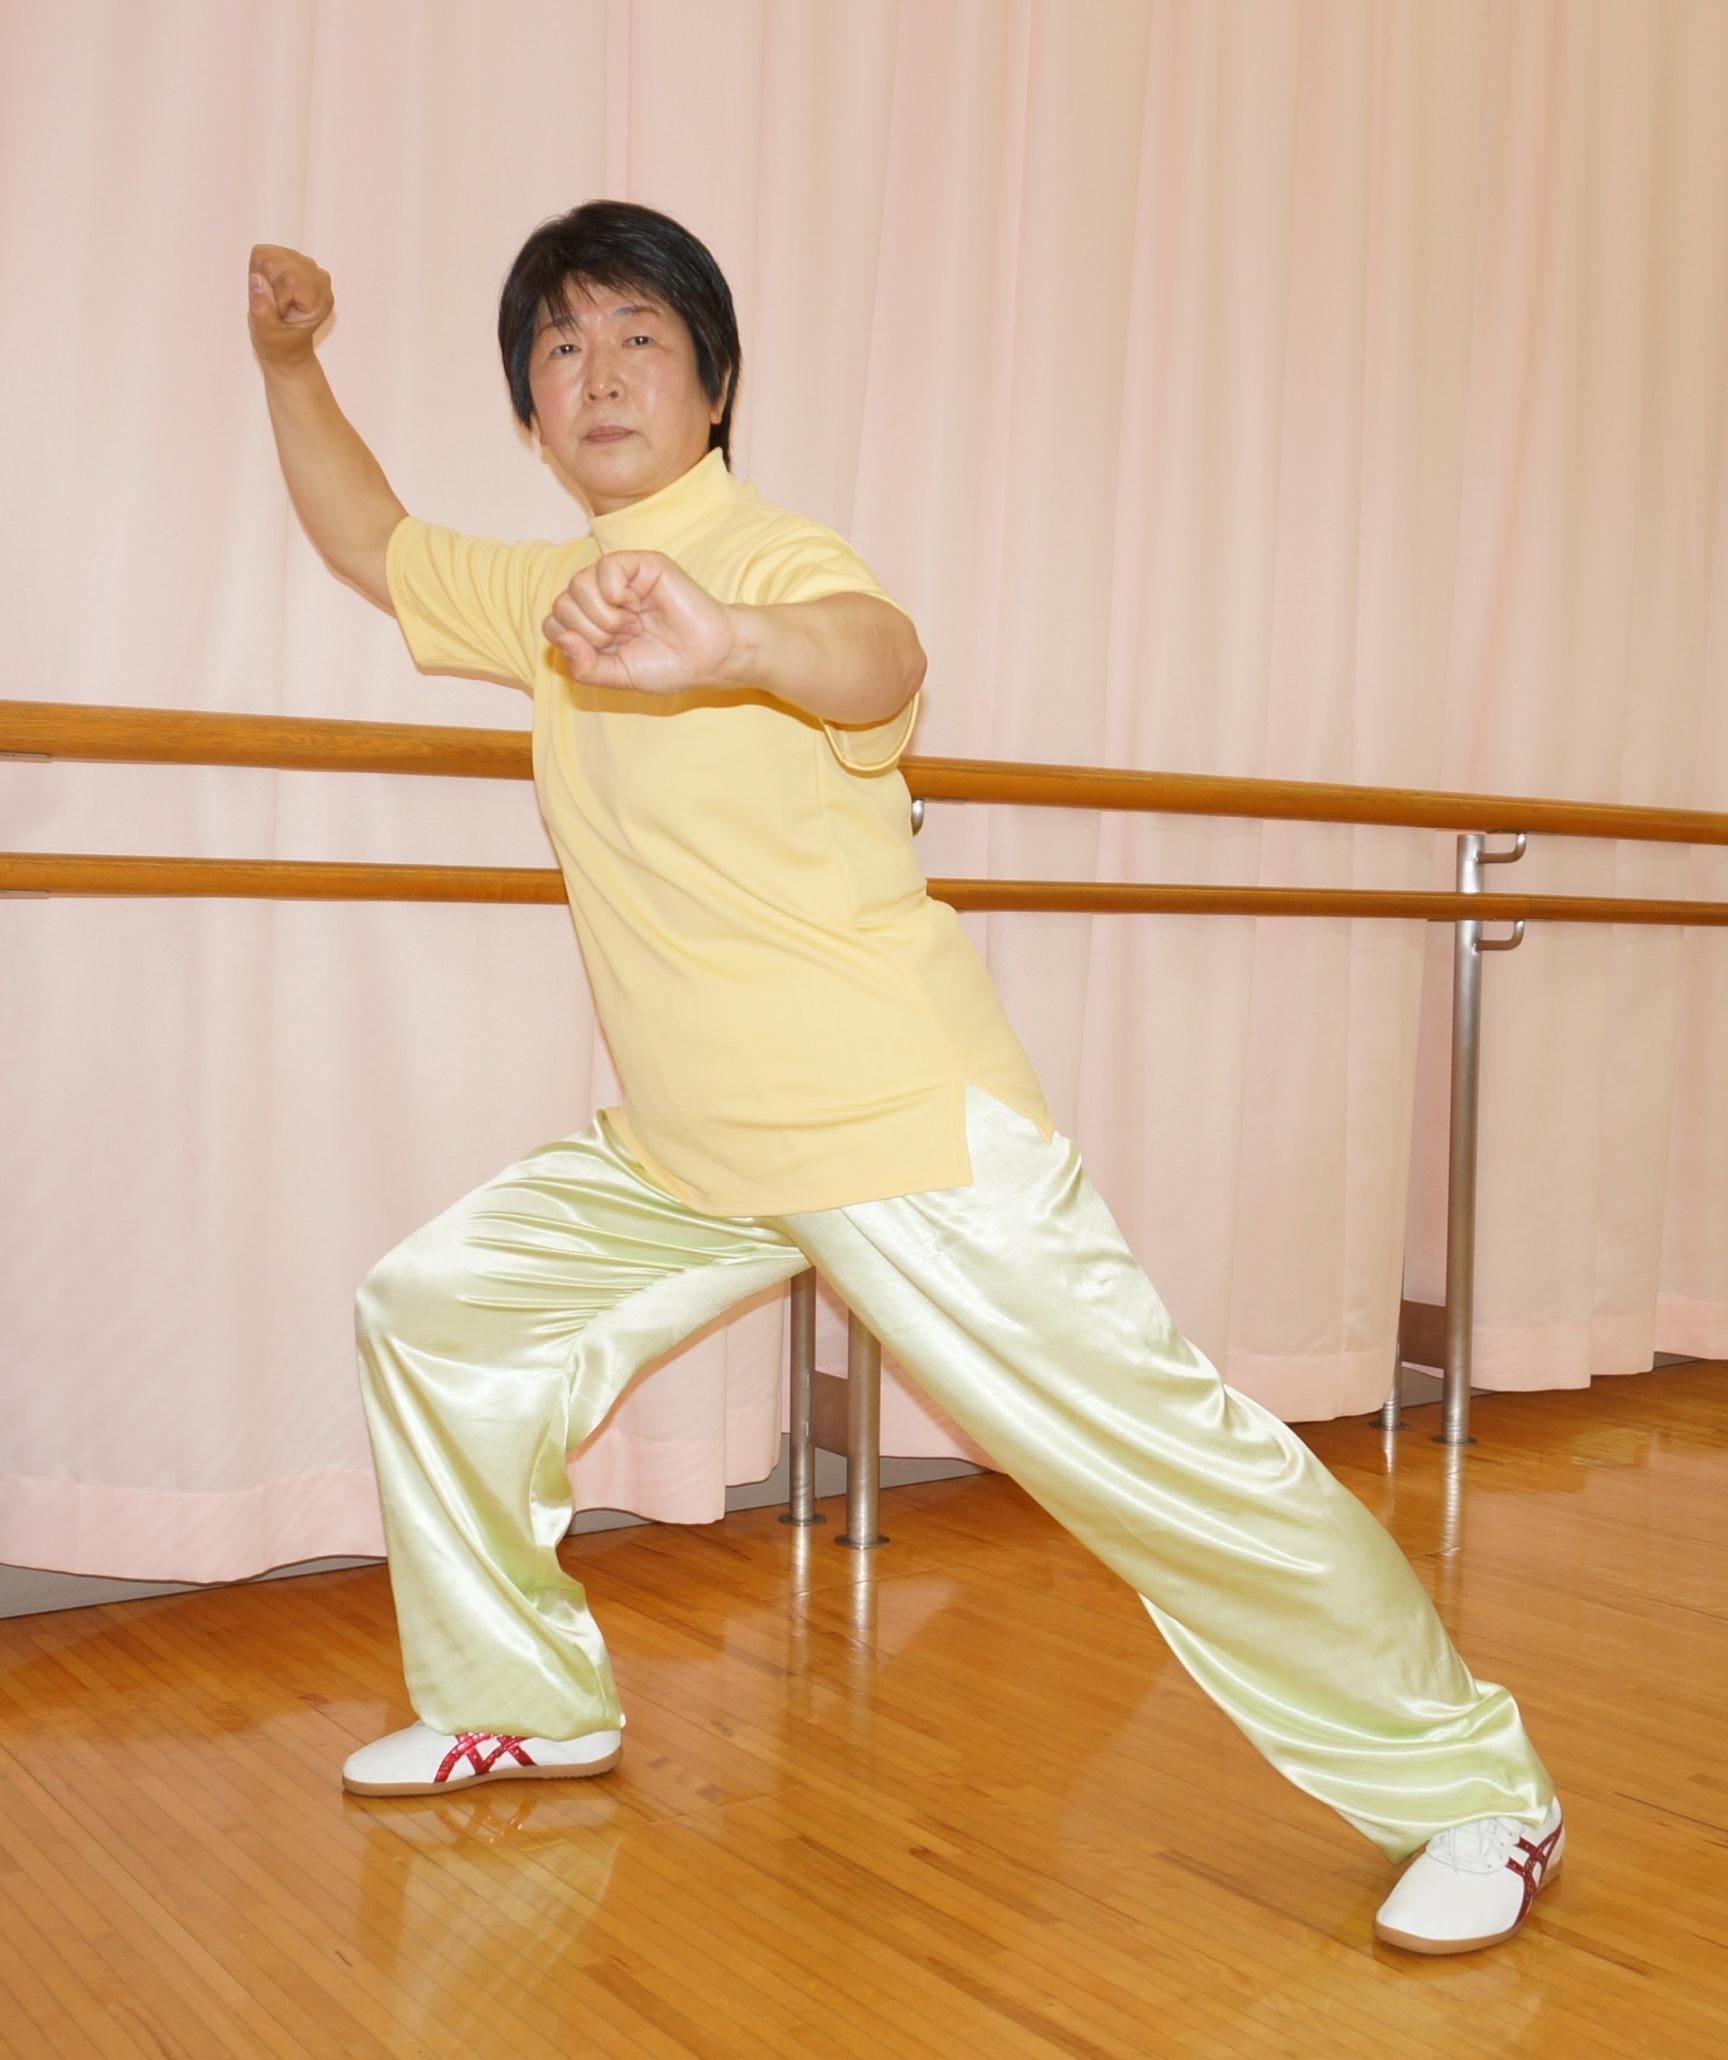 太極 日本 拳 連盟 武術